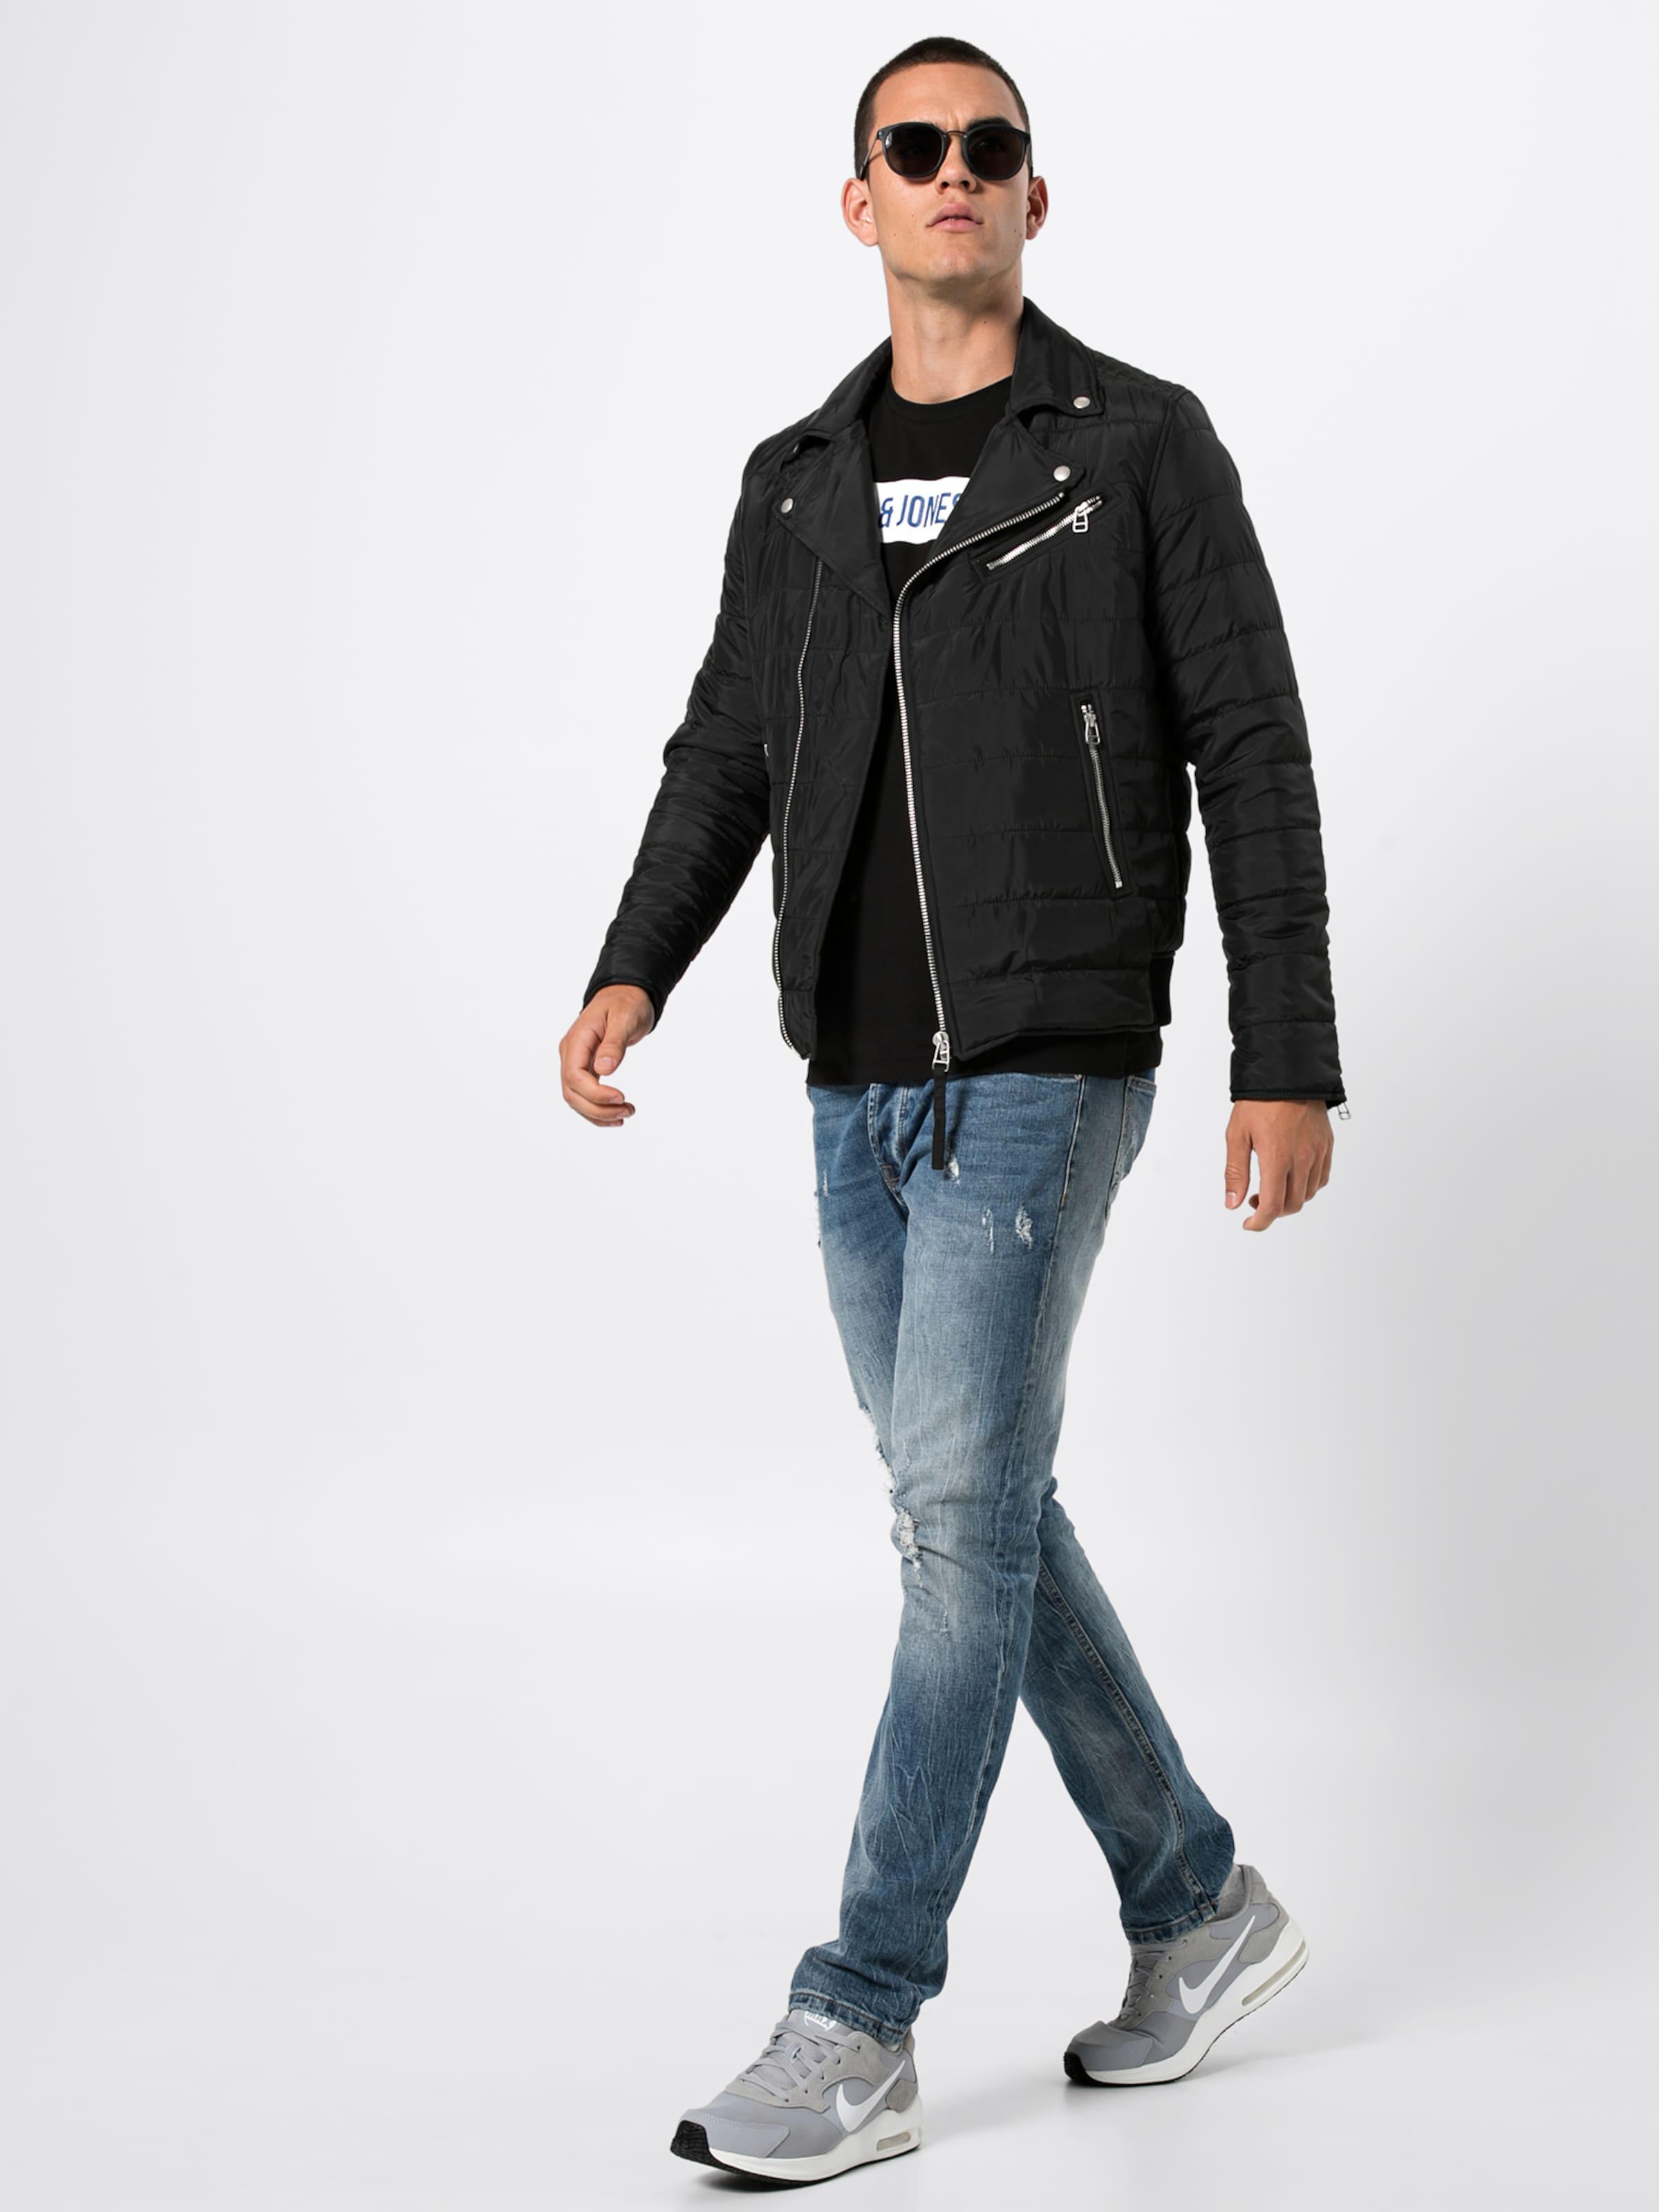 Jacke In Jacket' Schwarz Biker 'jprsoul Jackamp; Jones LUqpSVGzM